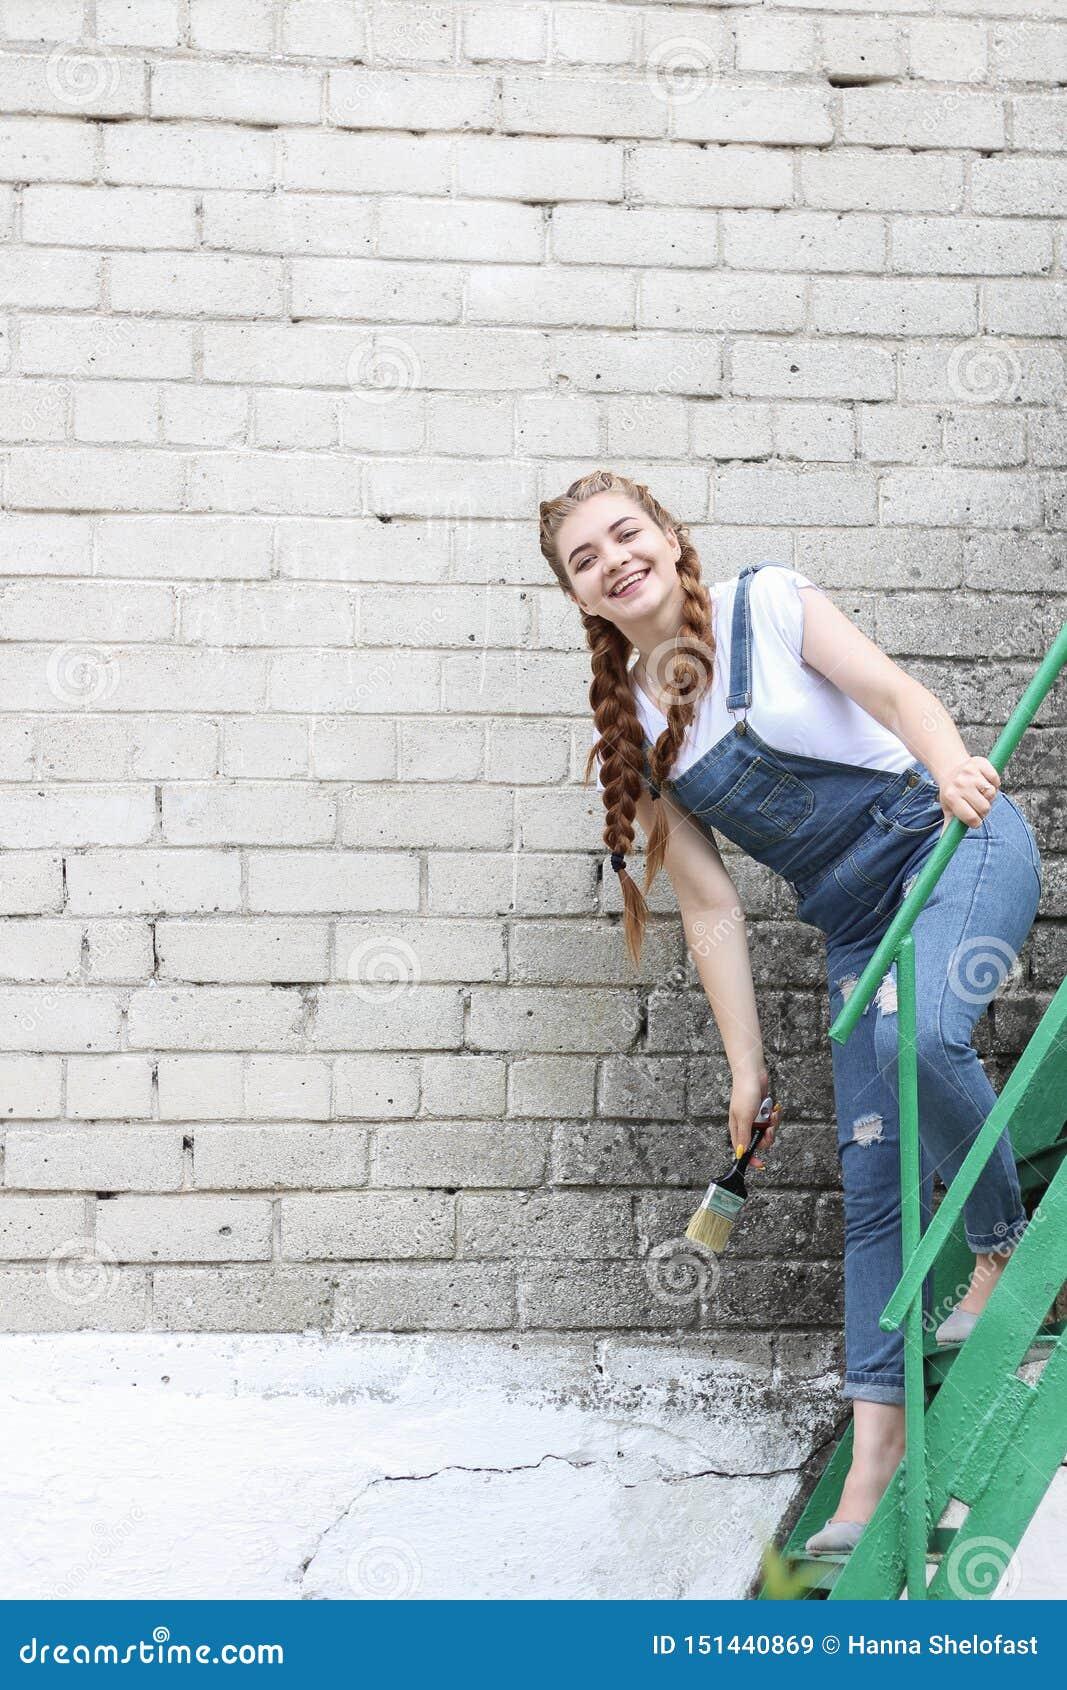 La fille fait la préparation à peindre un belvédère extérieur en bois, barrière